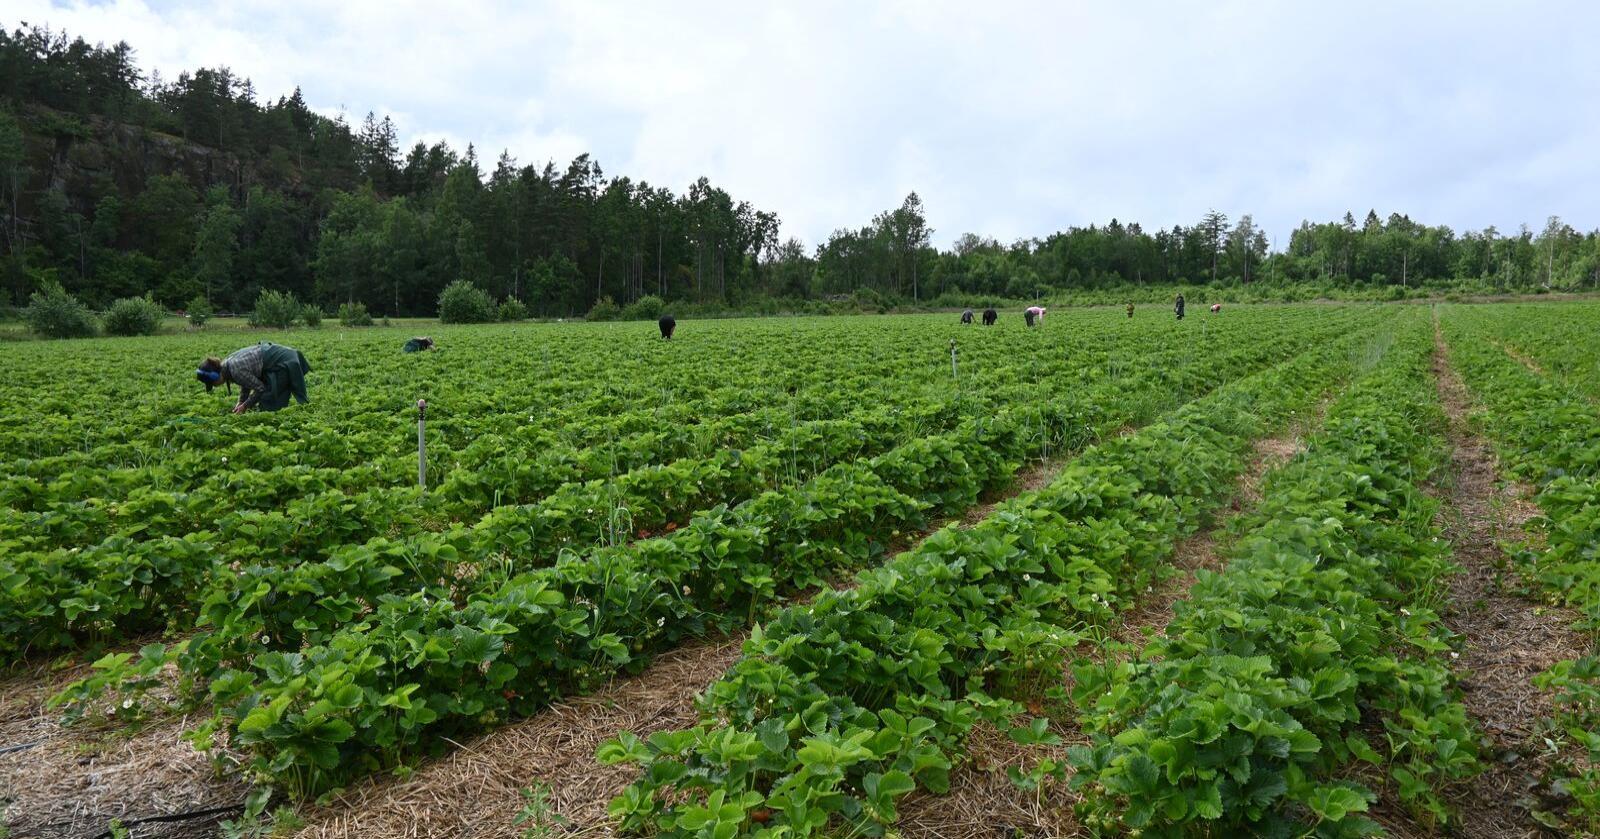 Nye lettelsene gjør det enklere å få inn sesongarbeidskraft til grøntsektoren til siste del av sesongen. Arkivfoto: Bondebladet